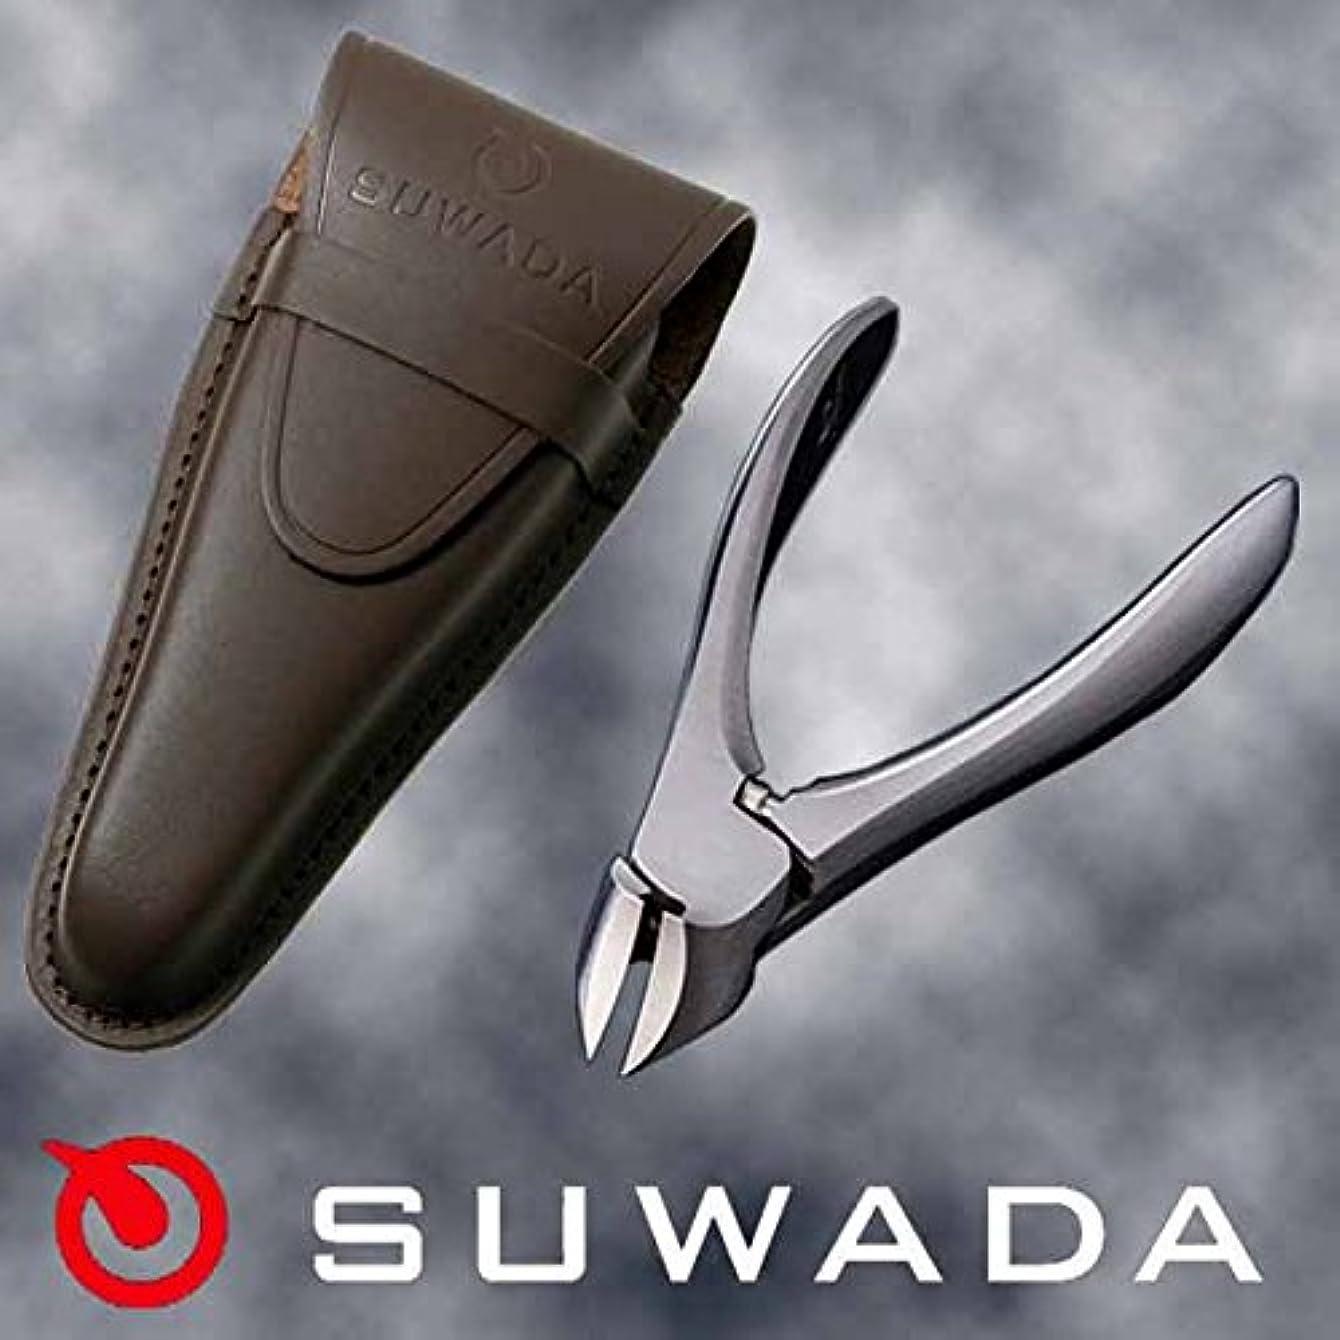 バケツ間違っている定数SUWADA爪切りクラシックL&ブラウン(茶)革ケースセット 特注モデル 諏訪田製作所製 スワダの爪切り